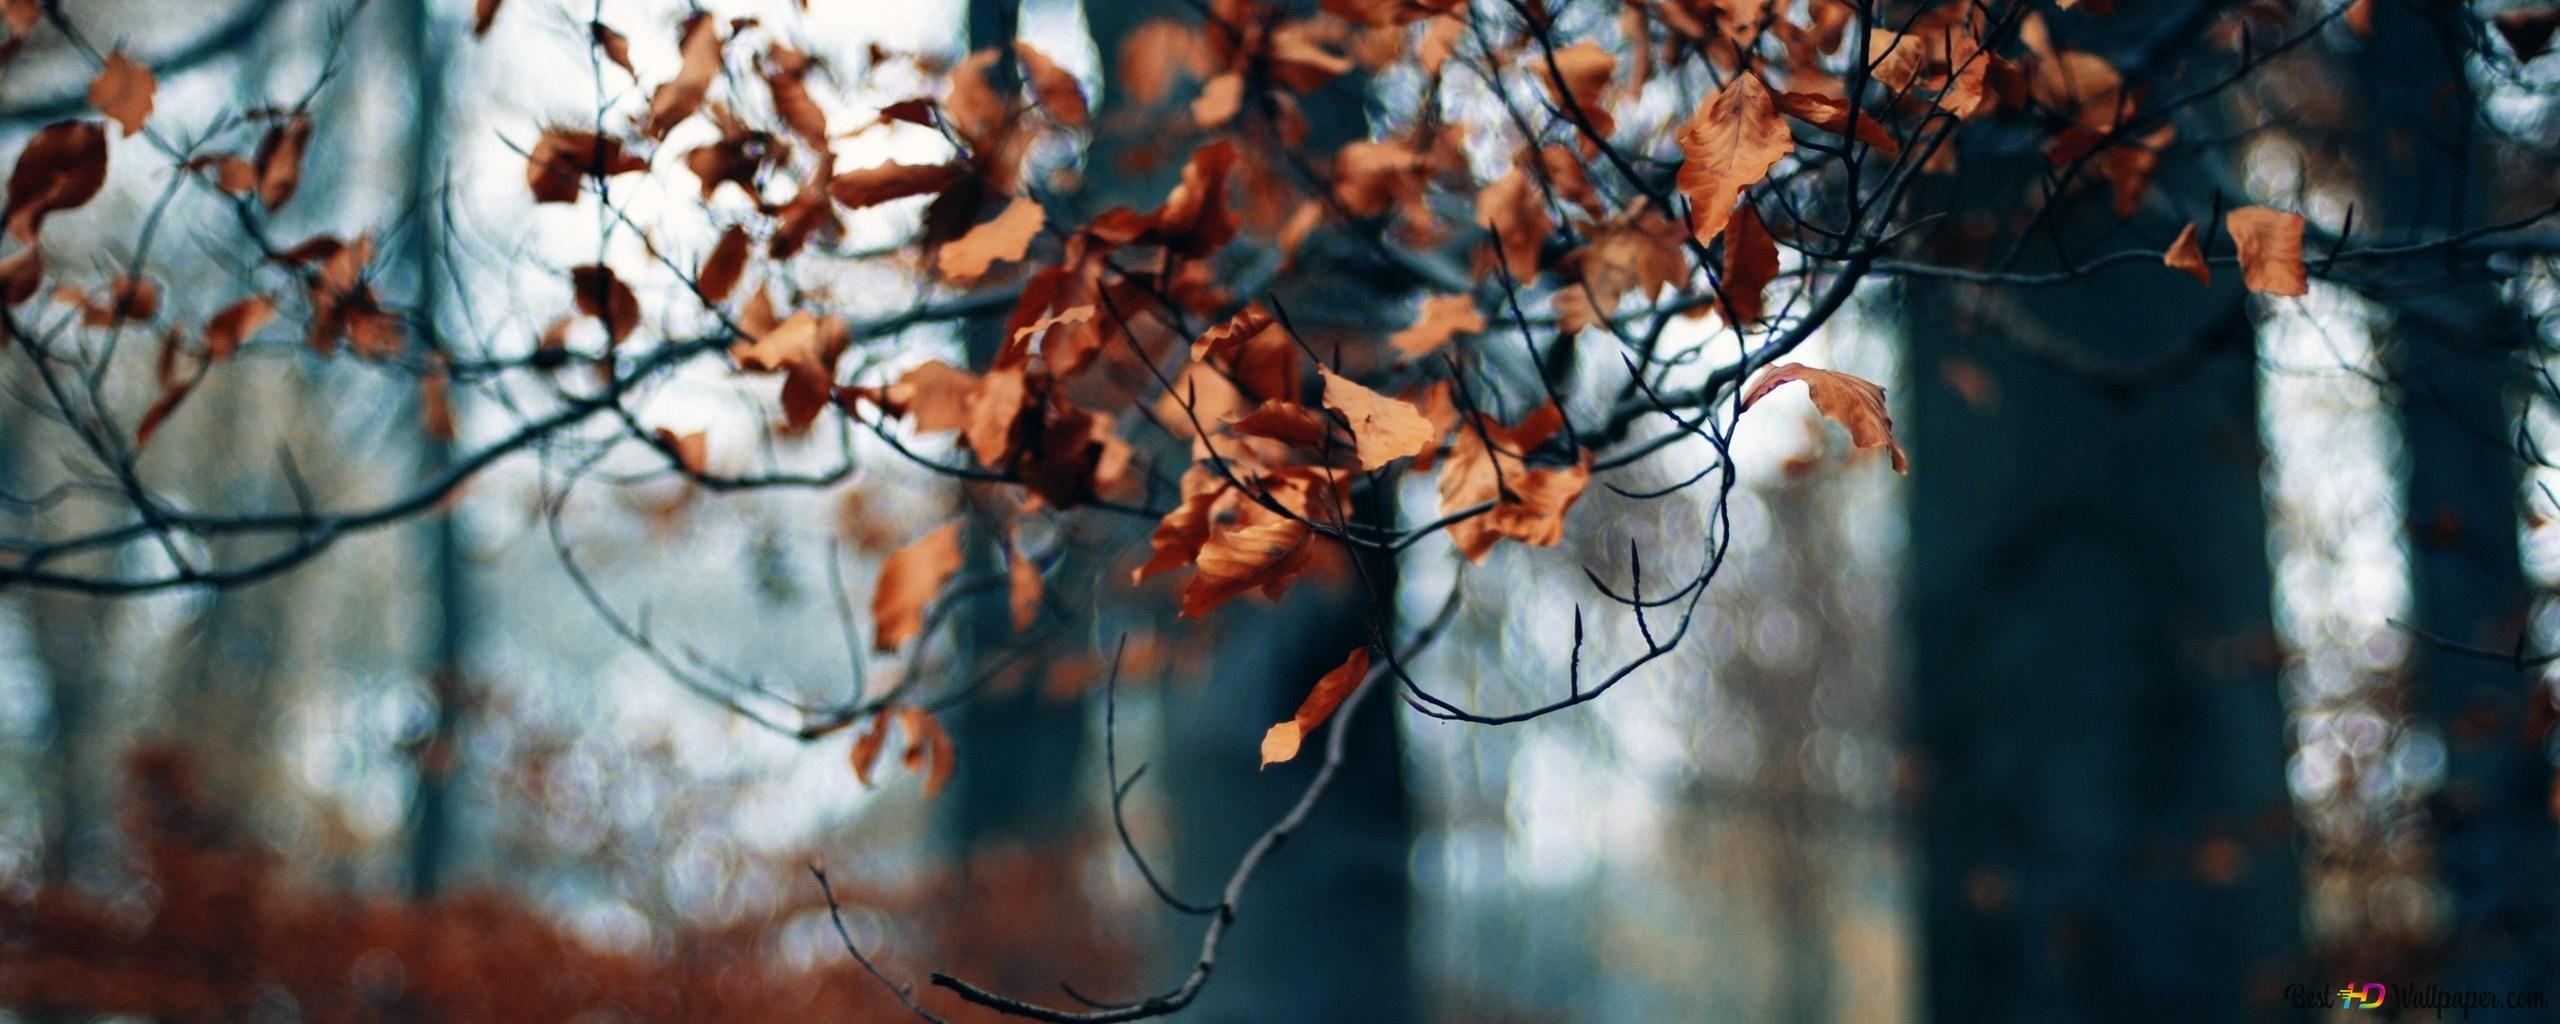 foto de Forêt - feuilles d'automne HD fond d'écran télécharger